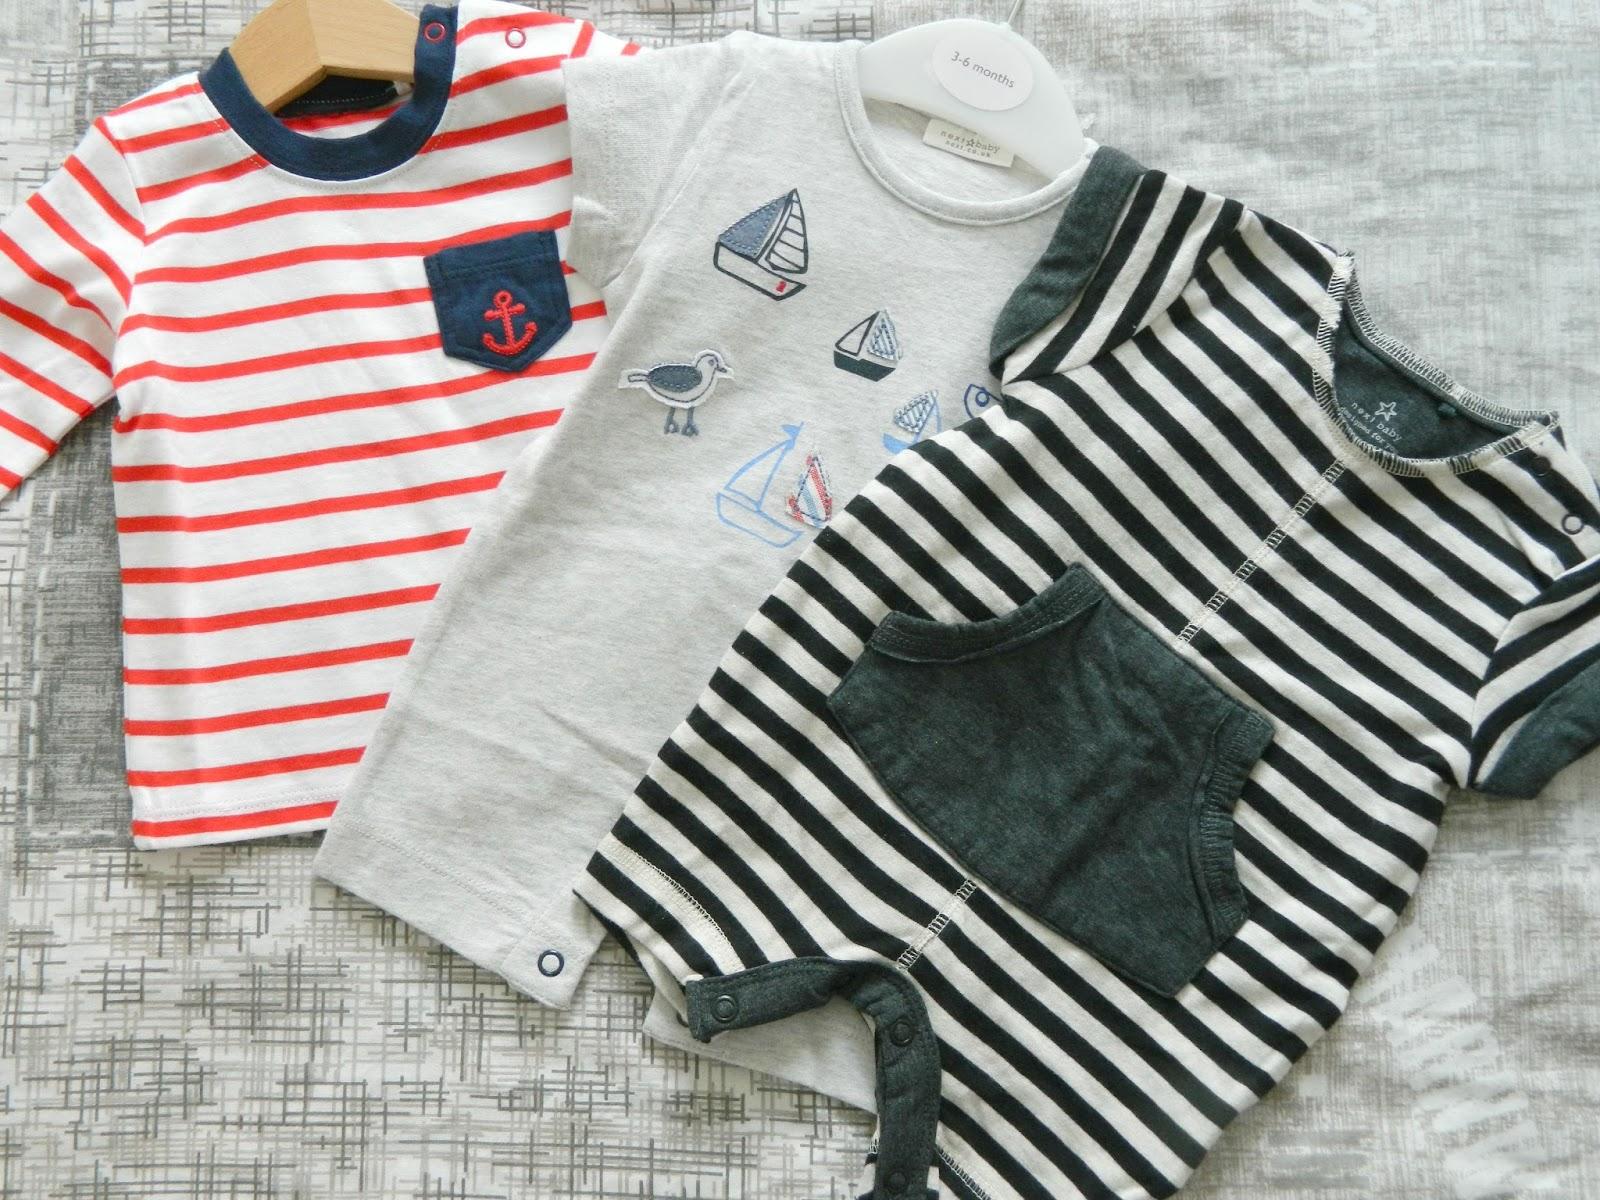 Newborn Baby Boy Clothes Next